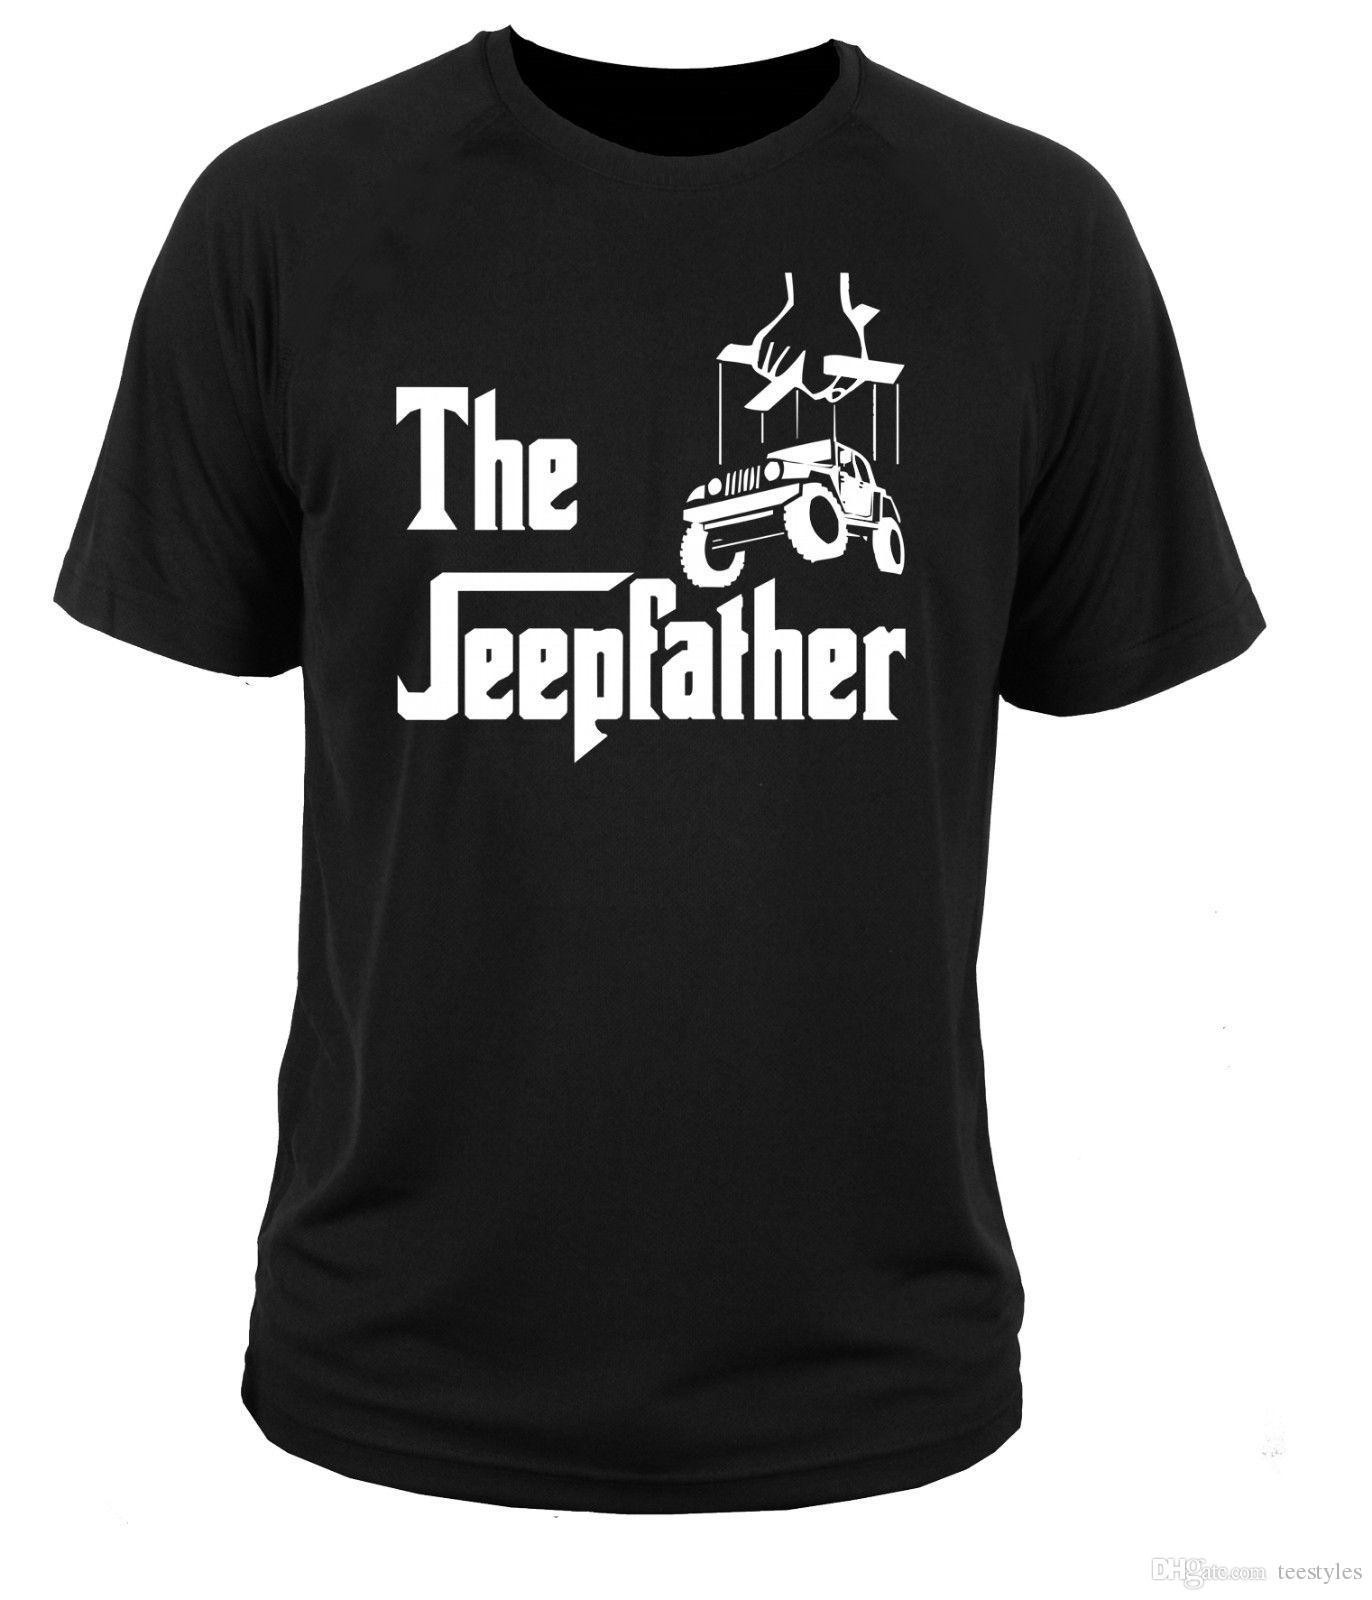 d92f5ece13 Compre Roupas Masculinas 2018 Jeep Wrangler Off Road Renegado T Shirt Dos  Homens Do Homem Mais Recente Projeto Personalizado De Manga Curta 3XL  Família ...